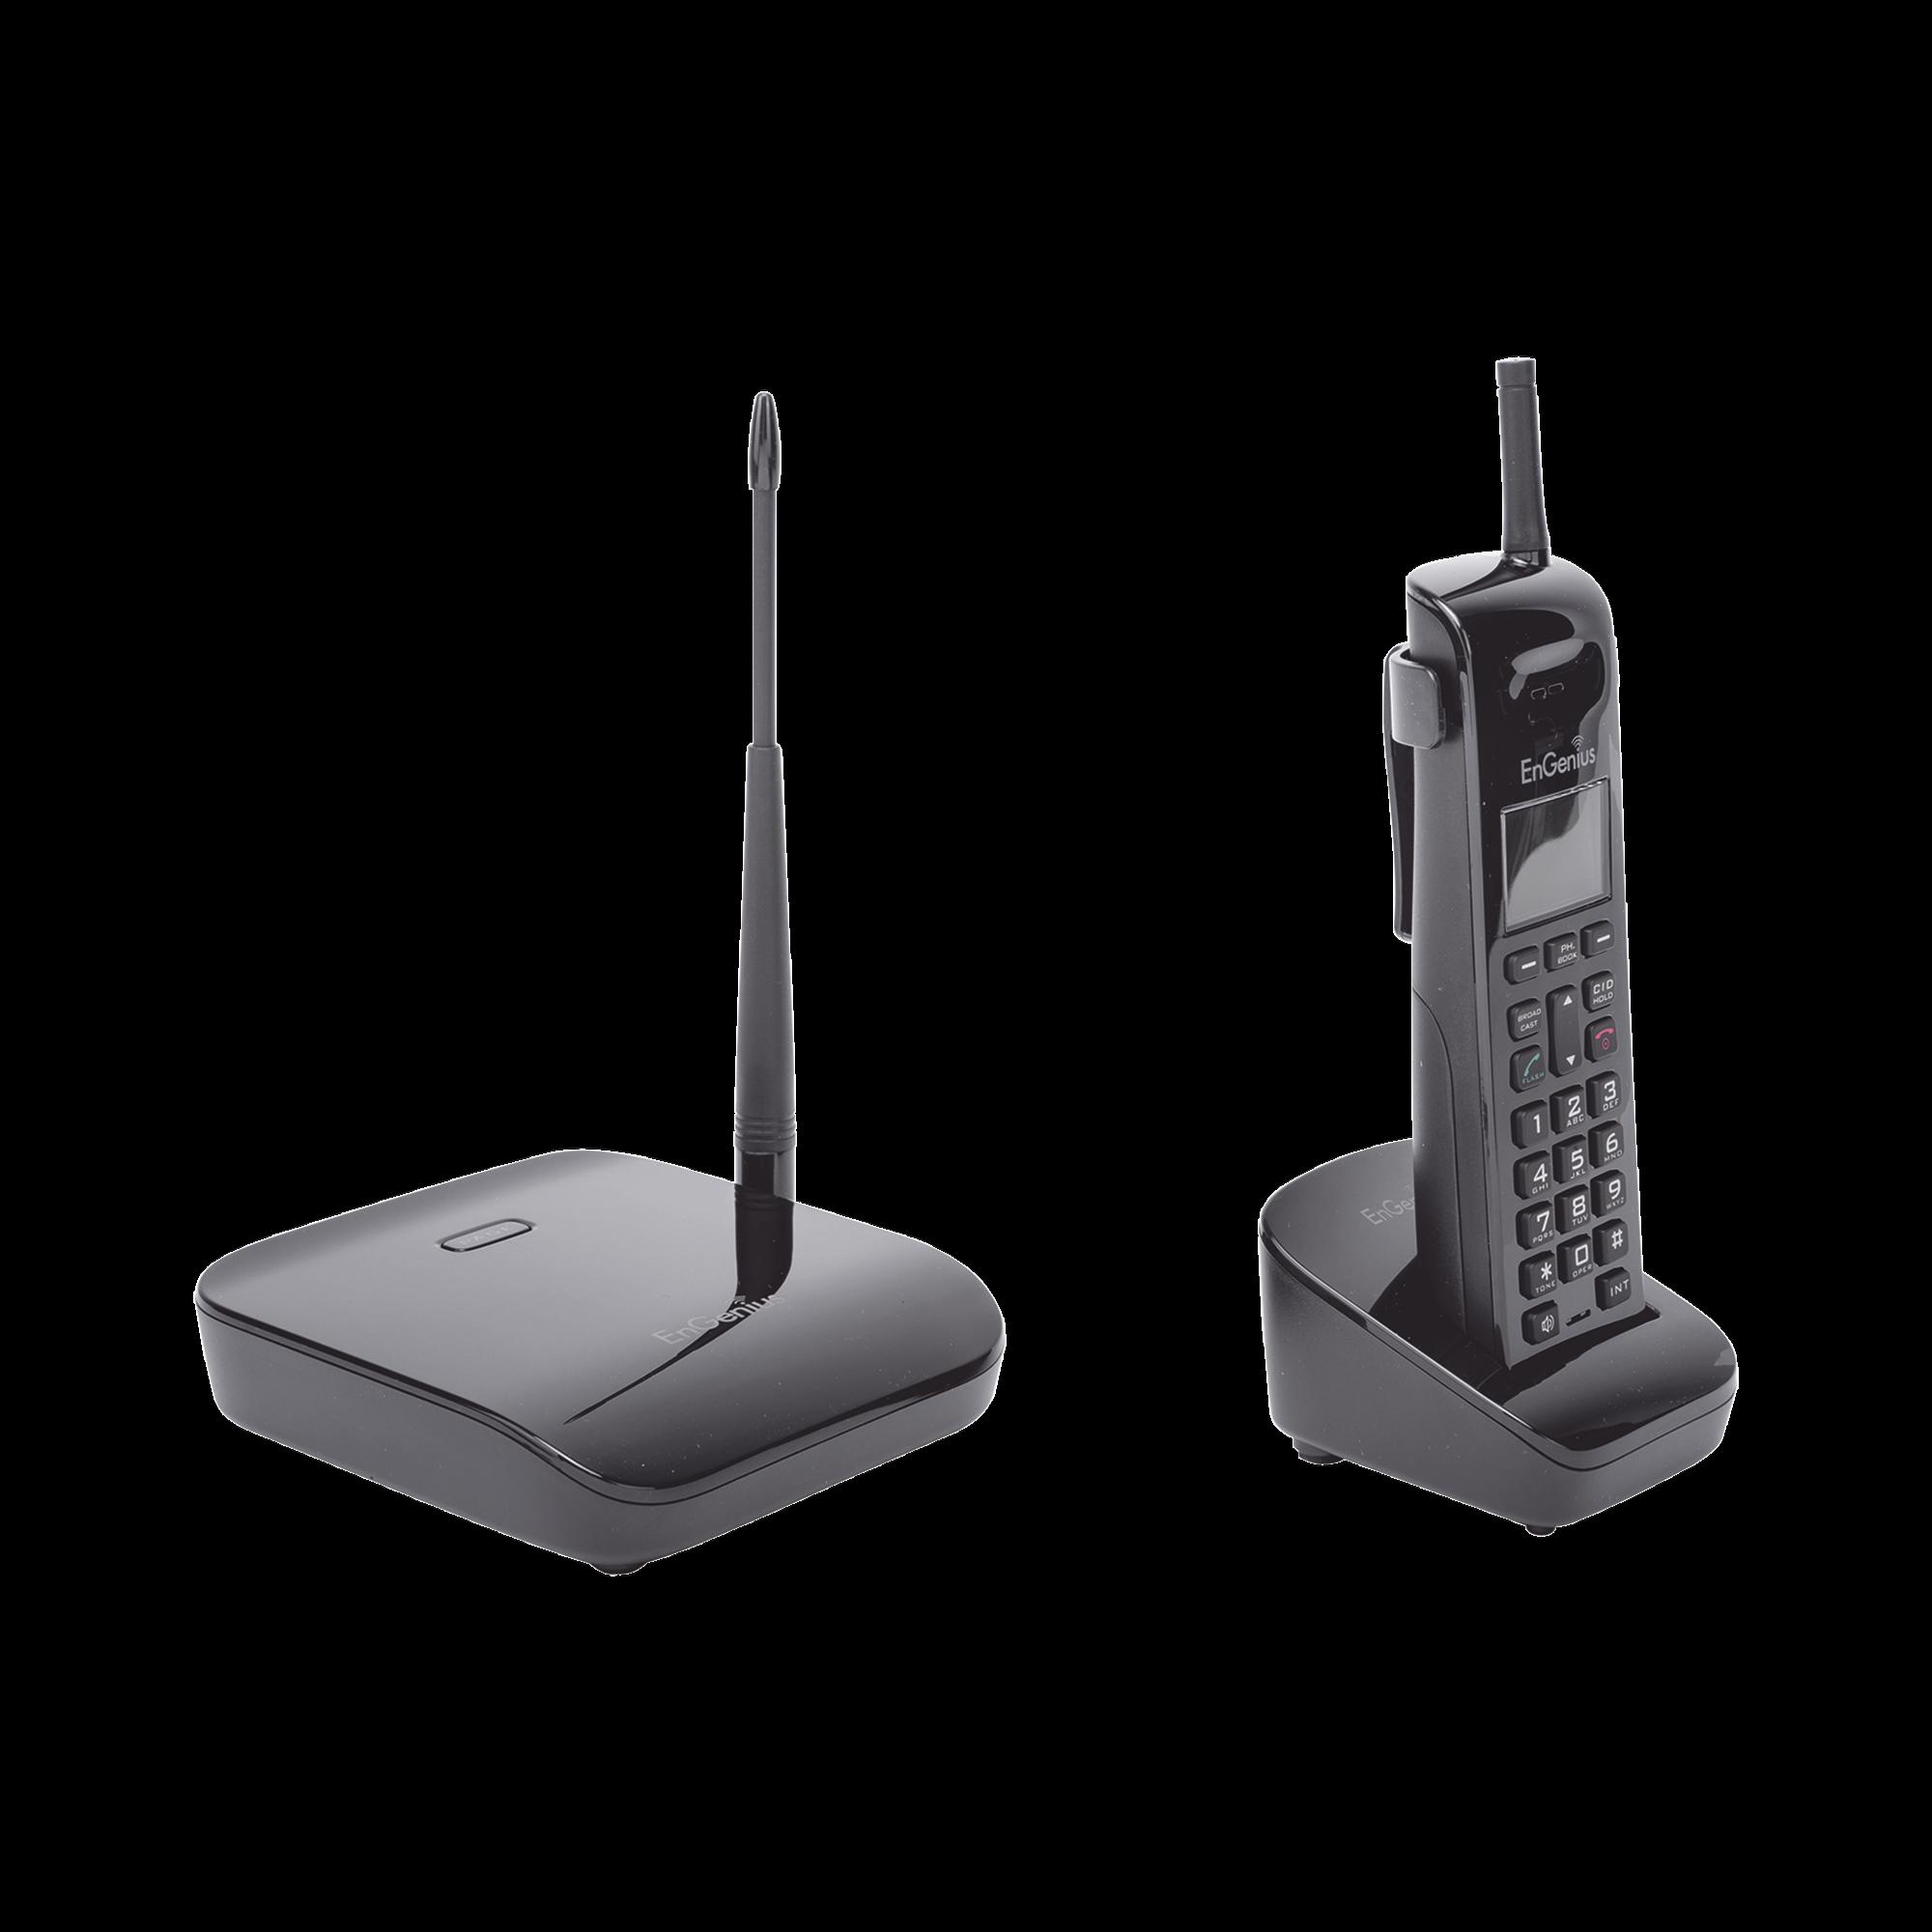 Sistema Telefónico de Largo Alcance Ideal para Oficina/Hasta 9290 m? en Tiendas o Almacenes/ Hasta 40468 m? en Granjas/ Hasta 6 Pisos de Penetración en Edificios